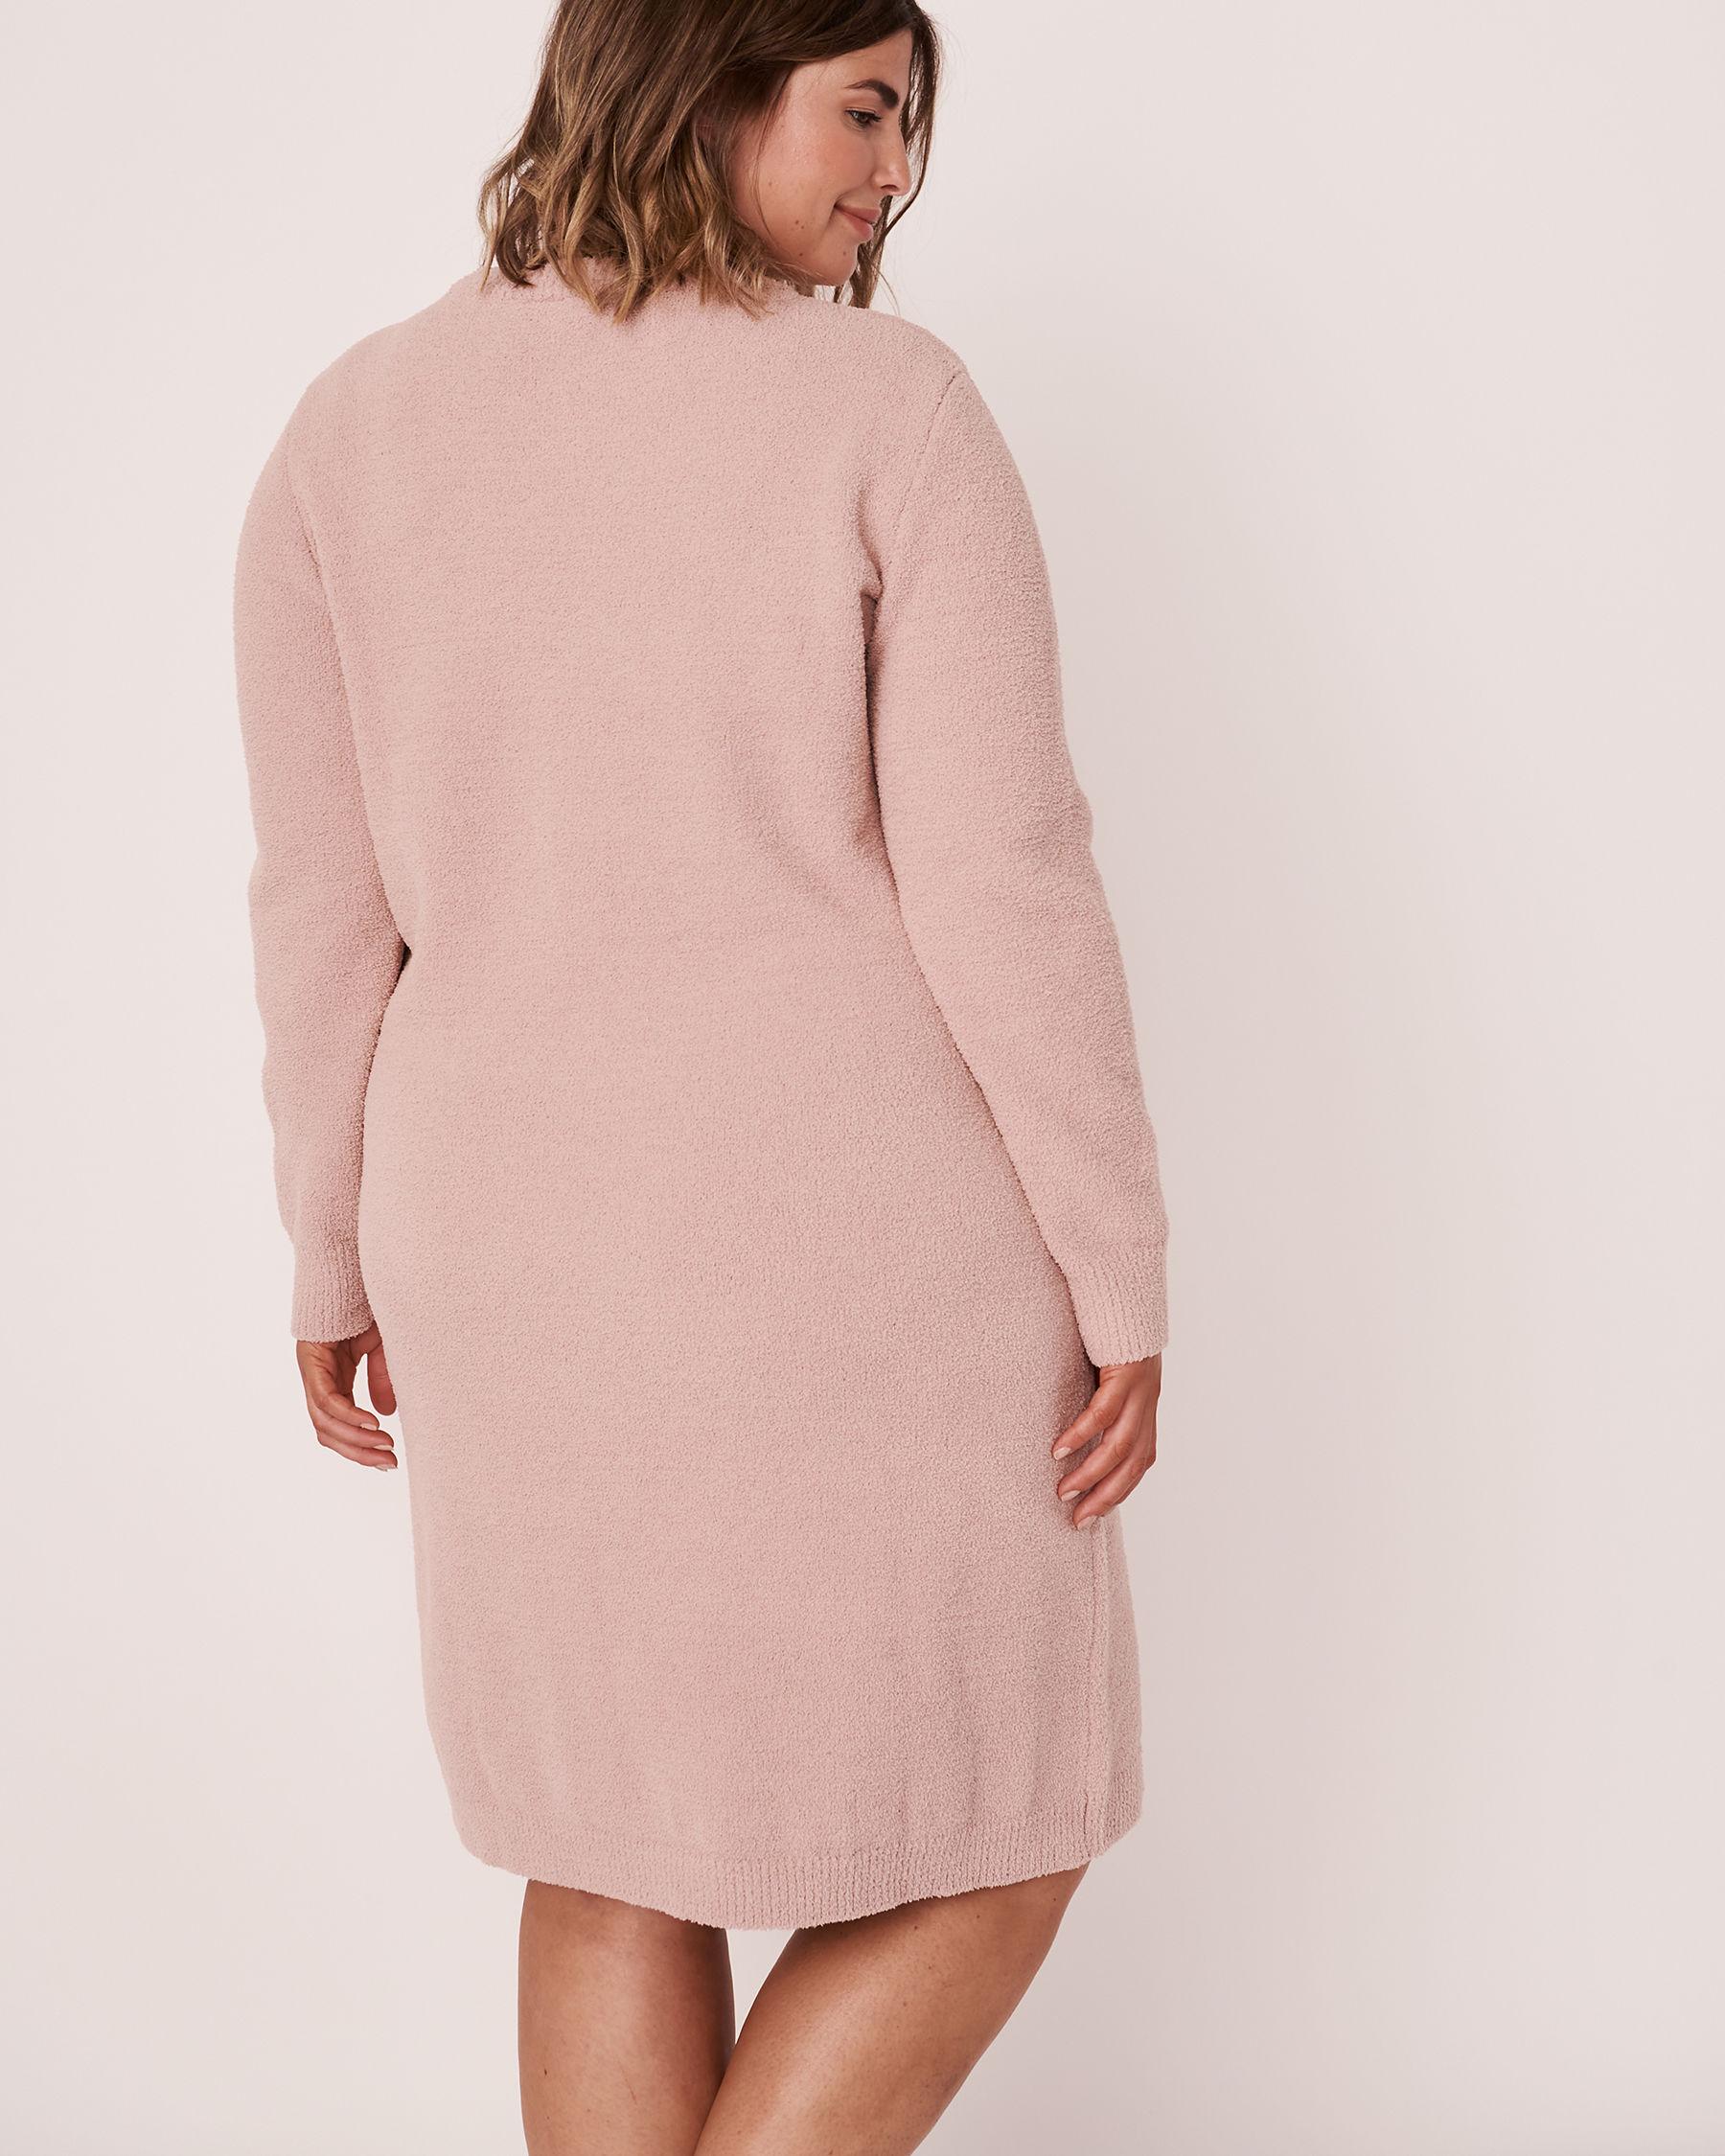 LA VIE EN ROSE Chenille Long Sleeve Dress Shadow grey 50400011 - View3